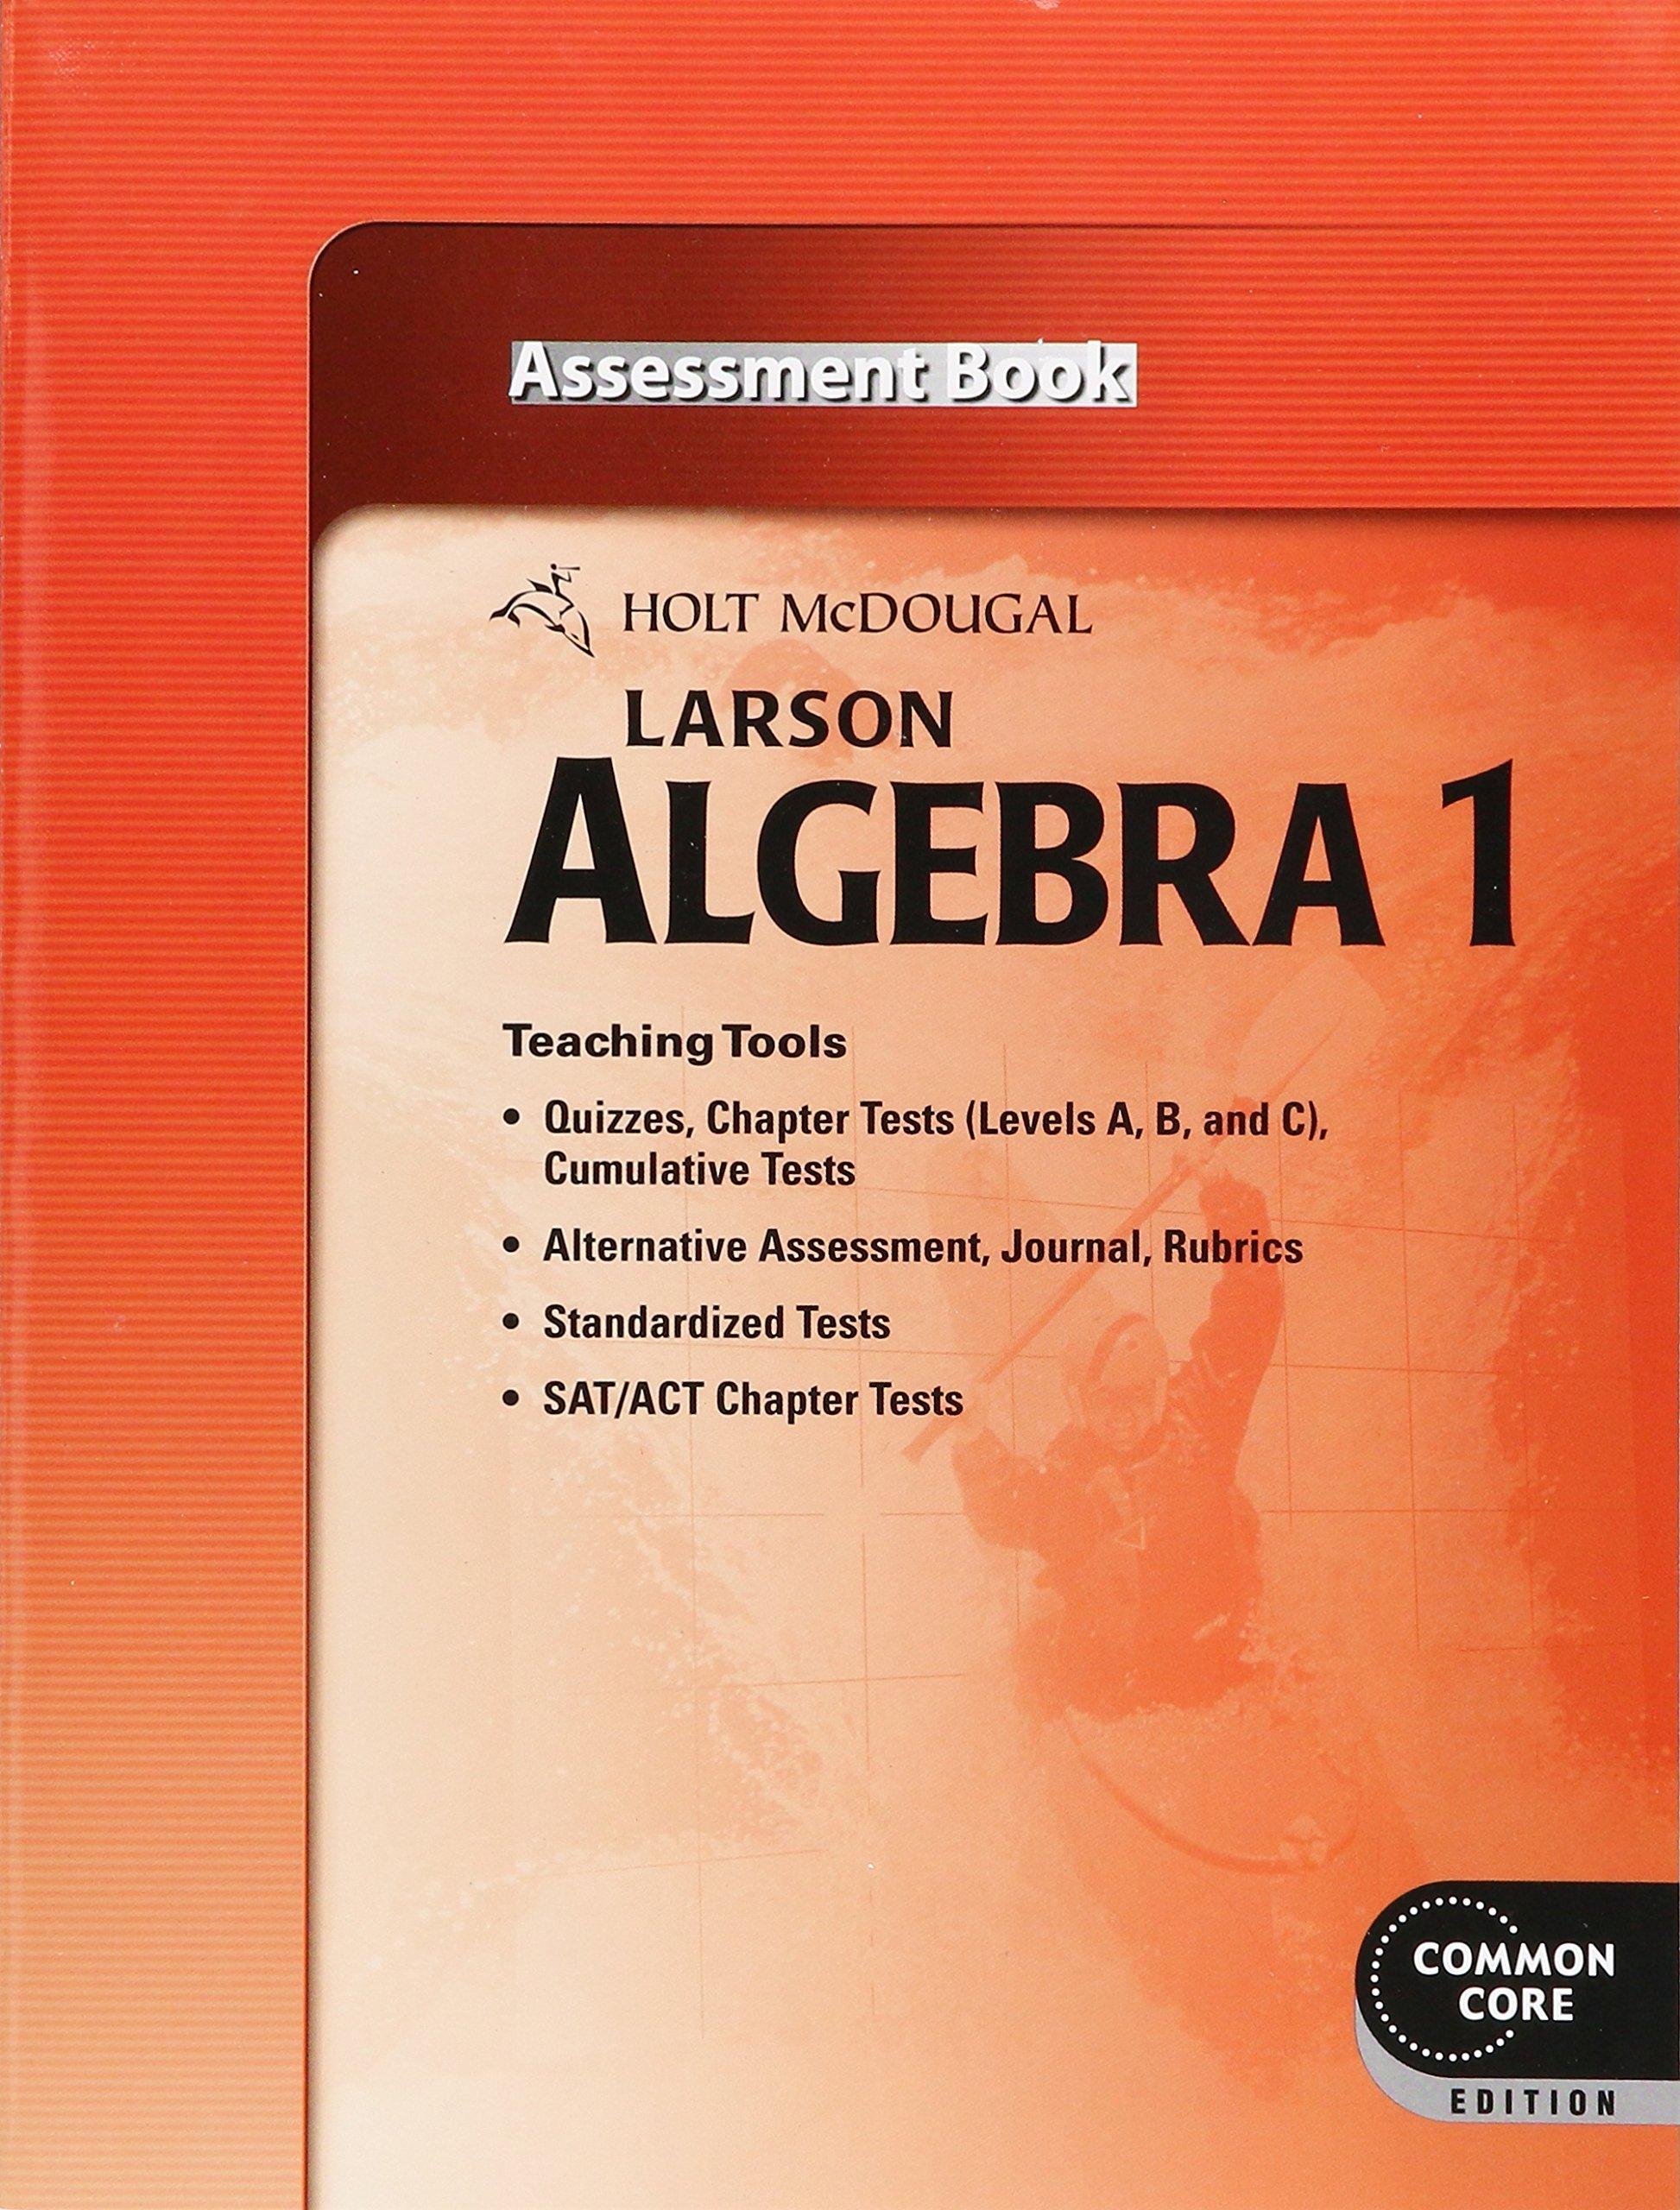 Larson Algebra 1 Assessment Book Mon Core Edition Ron